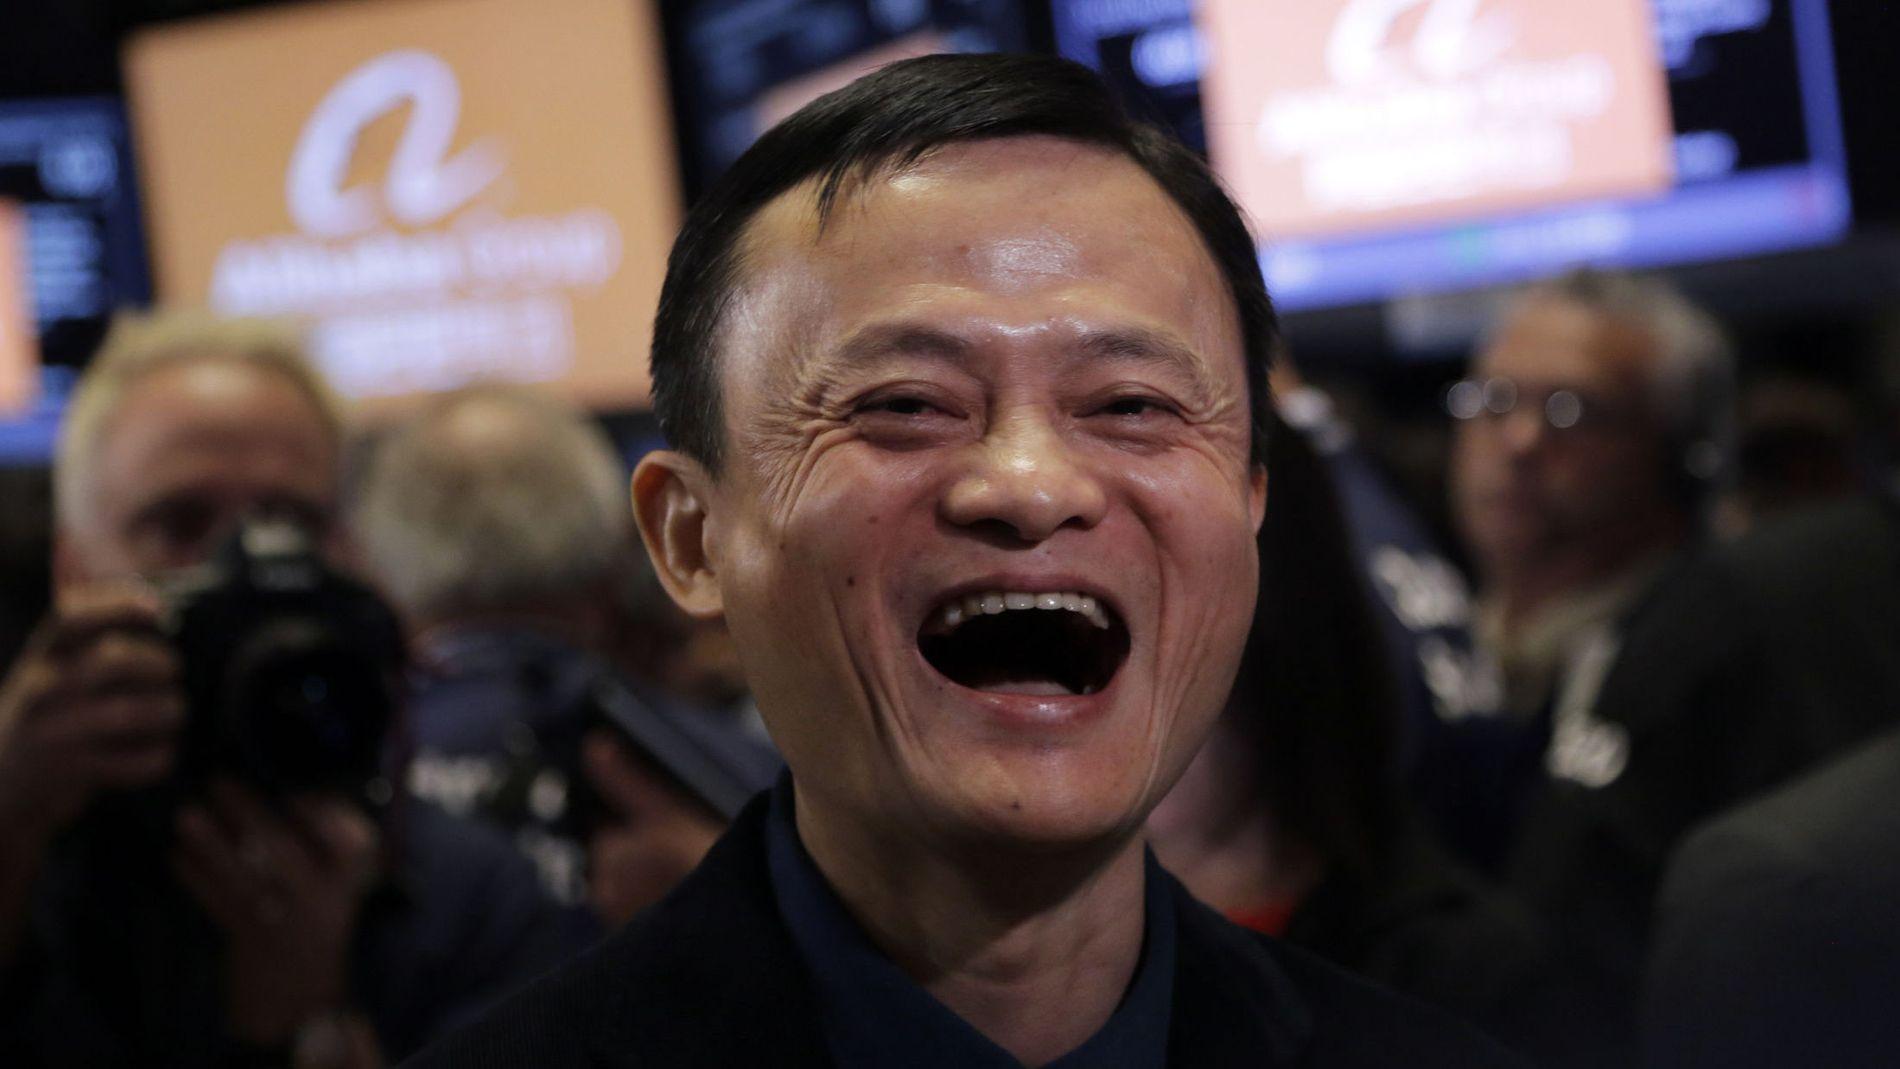 KINAS RIKESTE MANN: Selv om formuen til Alibaba-grunnlegger Jack Ma er astronomisk høy, har han i en rekke intervjuer hevdet at han levde et langt lykkeligere og bekymringsløst liv da han knapt hadde penger å rutte med. Likevel er han kjent for å trekke ofte på smilebåndene, blant annet da dette bildet ble tatt under børsnoteringen av Alibaba.